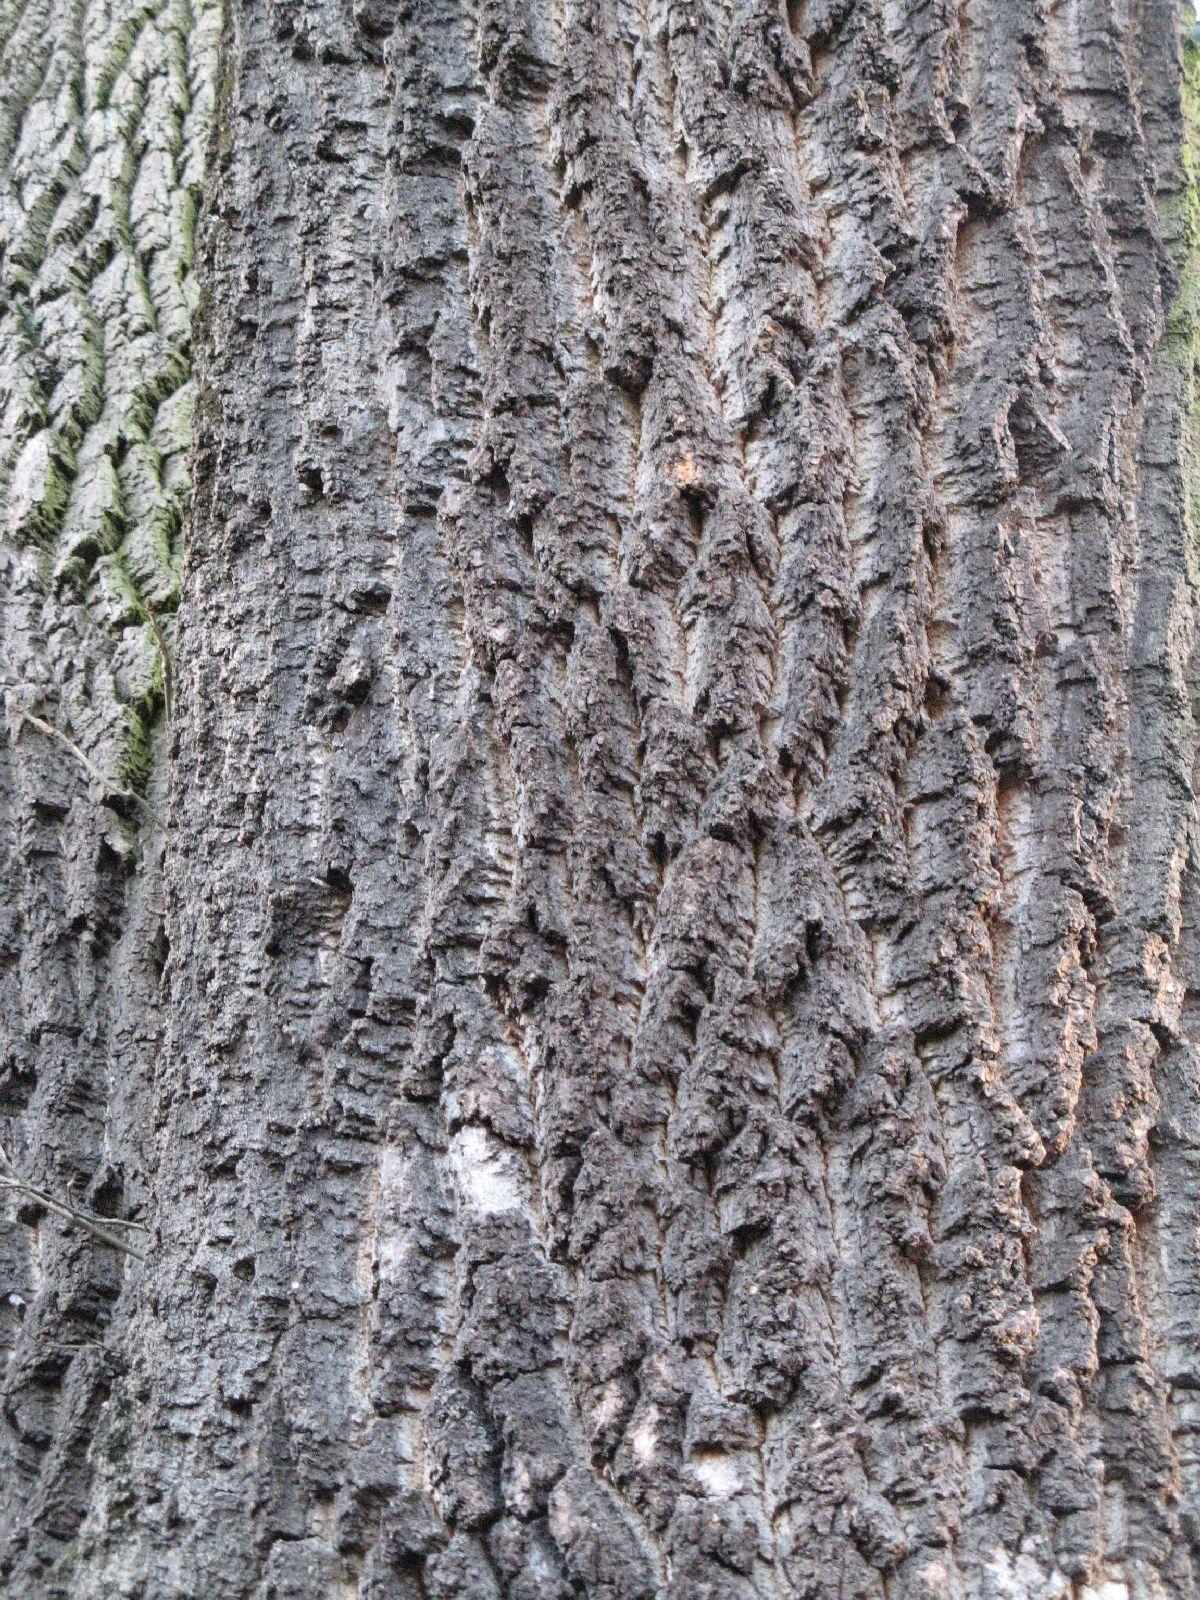 Baum-Rinde_Texturs_B_27950